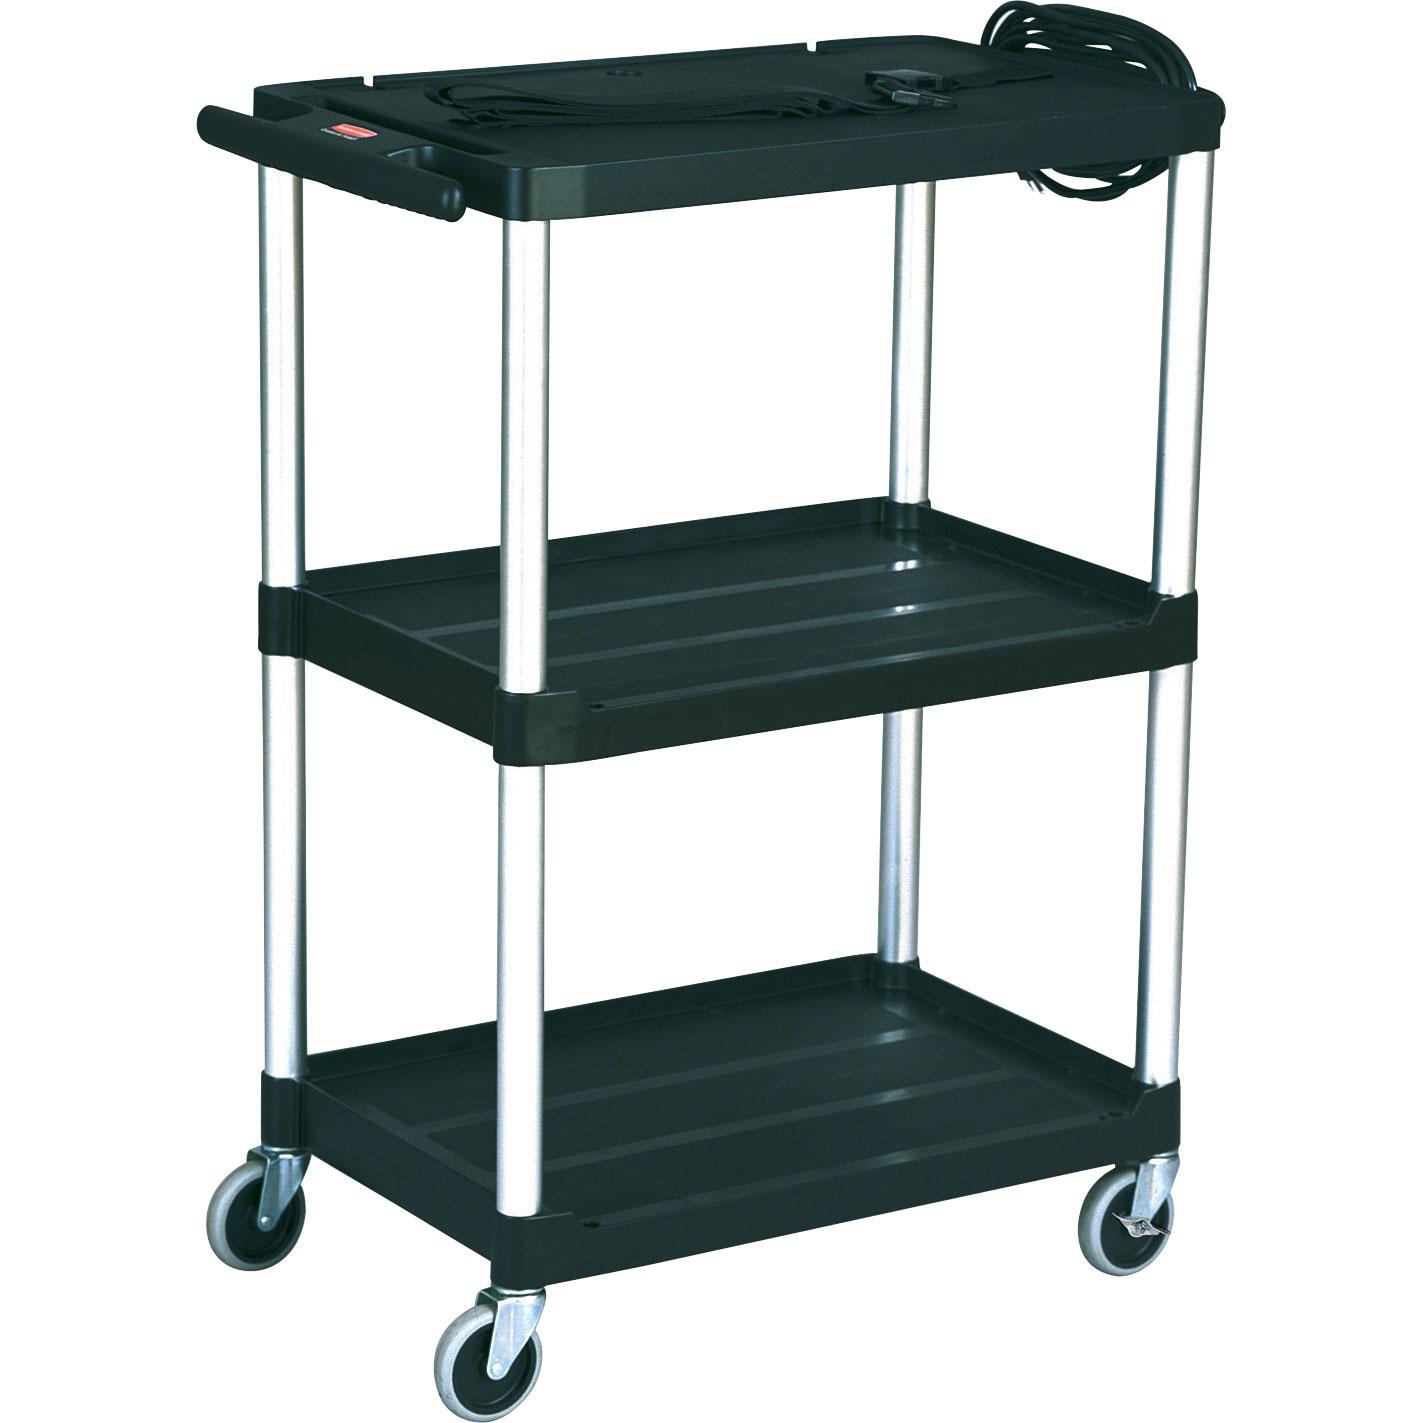 Media Master 3 Shelf Av Cart W 4 Quot Casters Trashcans